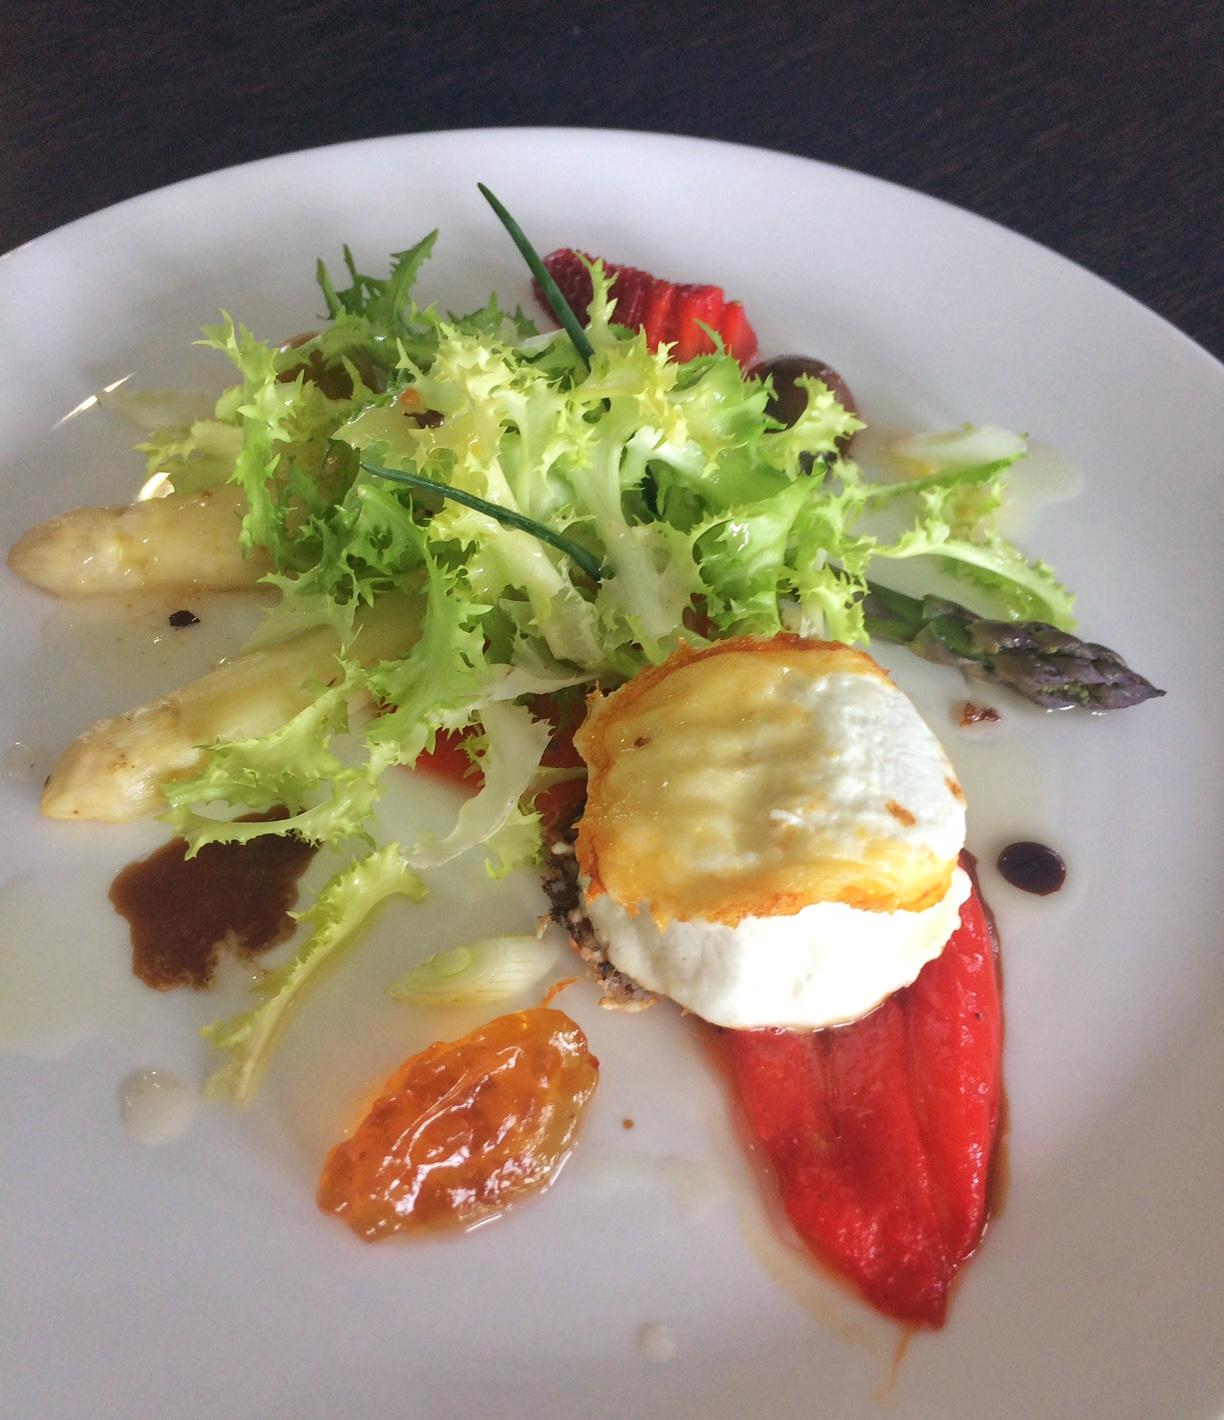 Sommerlicher Salat mit Spargel, Erdbeeren, Paprika und gegrilltem Käse